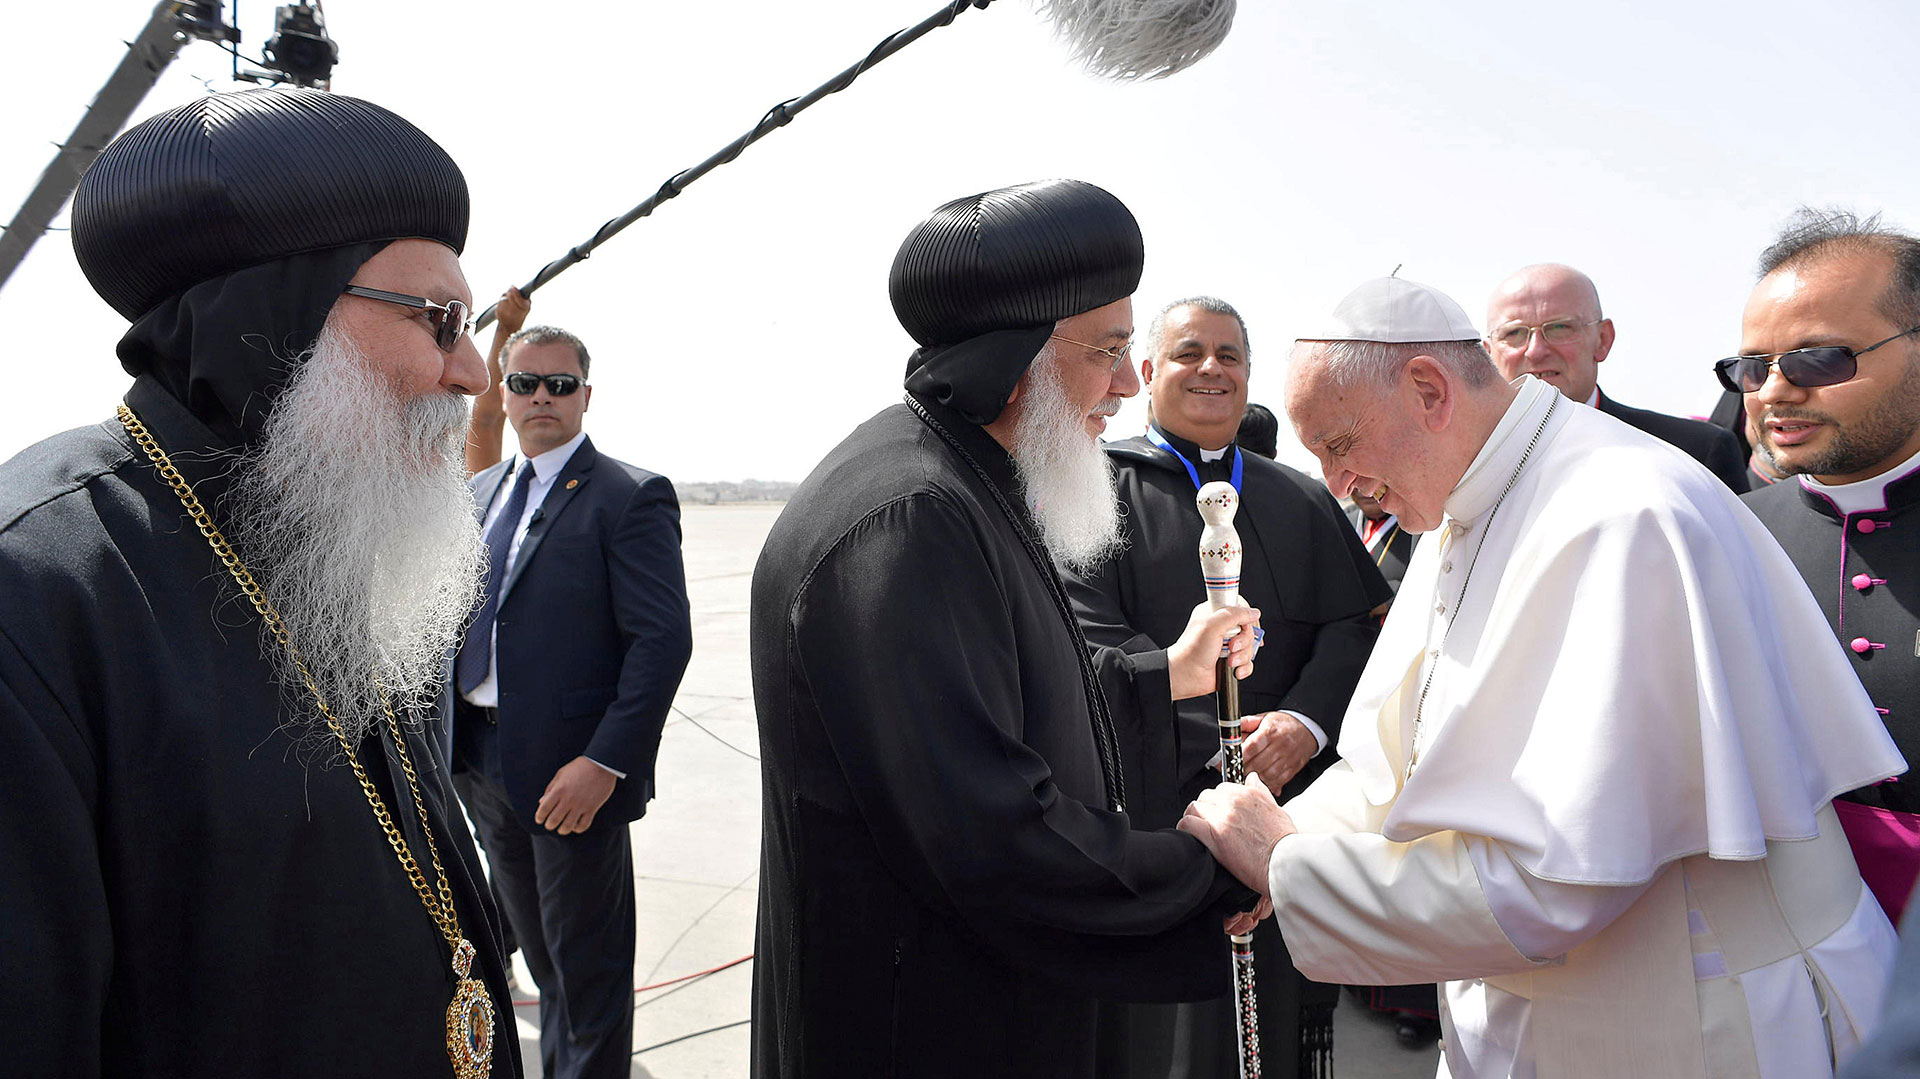 29 de abril de 2017: el papa Francisco celebró una histórica misa en Egipto. El Sumo Pontífice encabezó la ceremonia en un estadio de El Cairo, con capacidad para 30.000 personas.